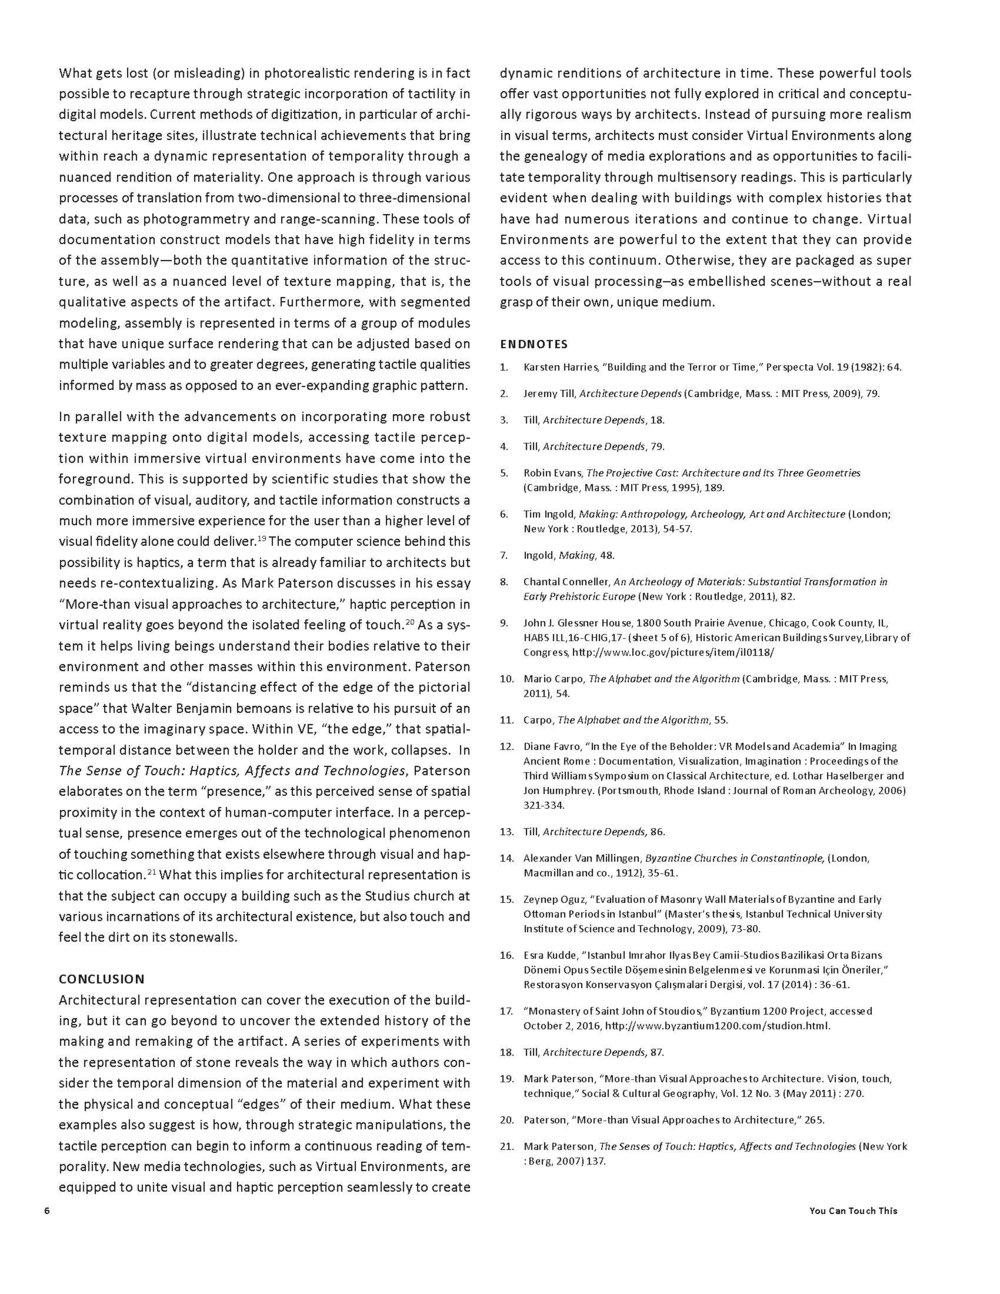 ErdoganFord_Paper_Page_6.jpg